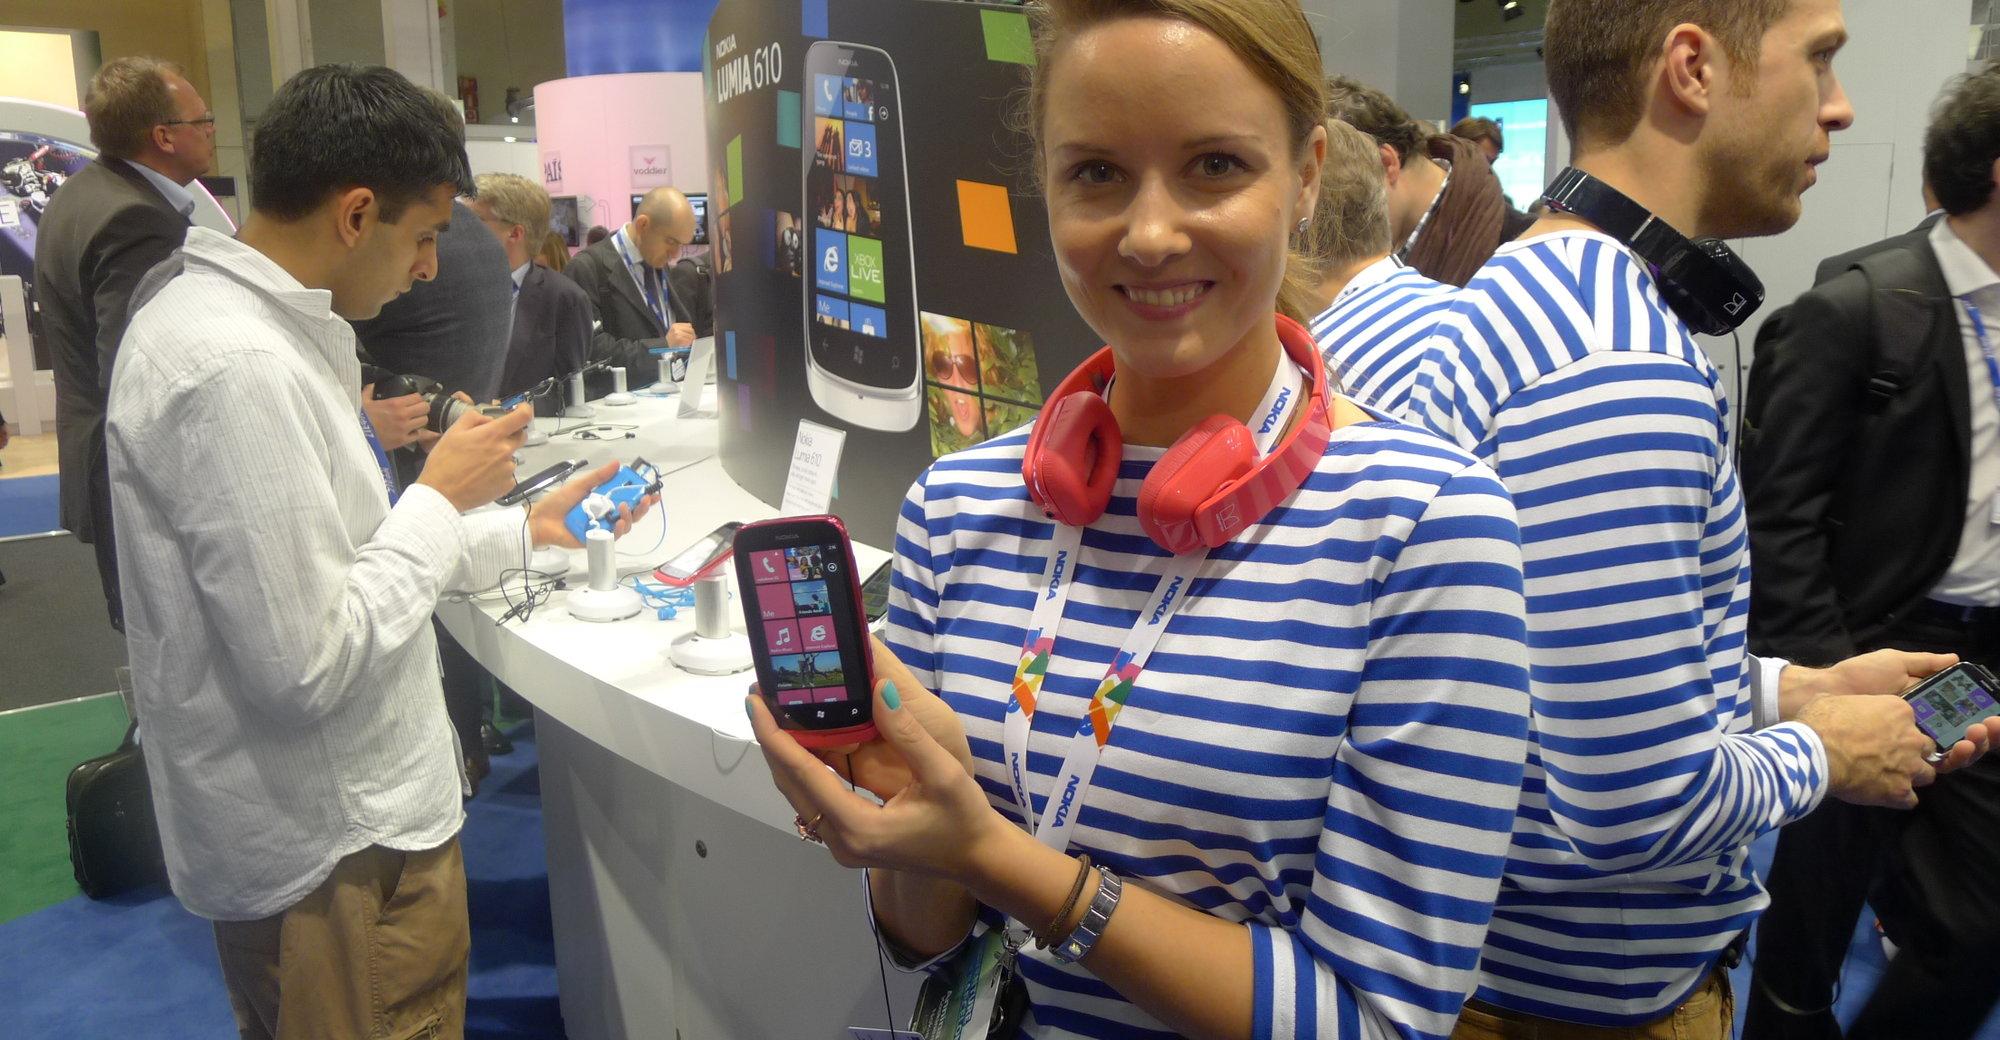 Nokias representant med en Lumia 610 - en Windows Phone 7.5 Tango-mobil til 1400 kroner uten kontrakt. Lansering i andre halvdel i år.